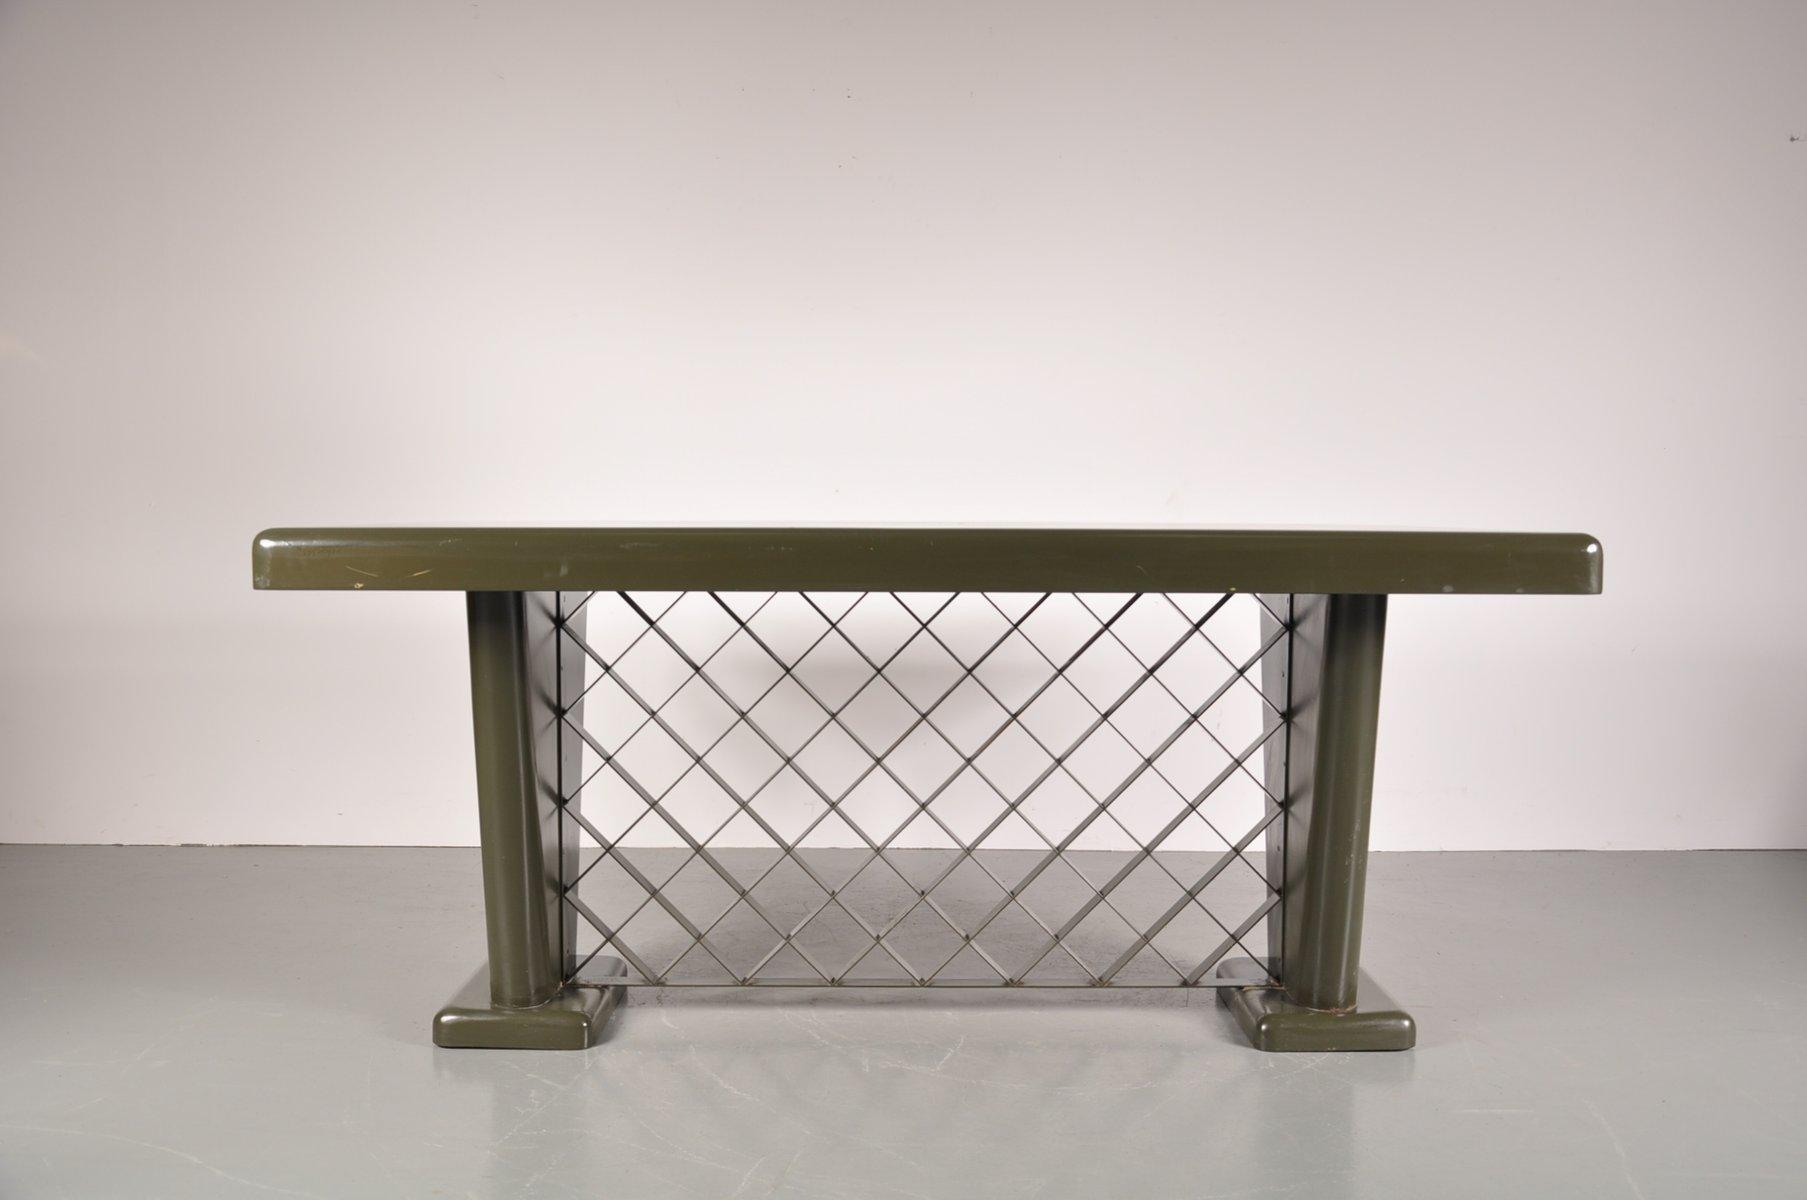 deutscher art deco metall tisch 1930er bei pamono kaufen. Black Bedroom Furniture Sets. Home Design Ideas